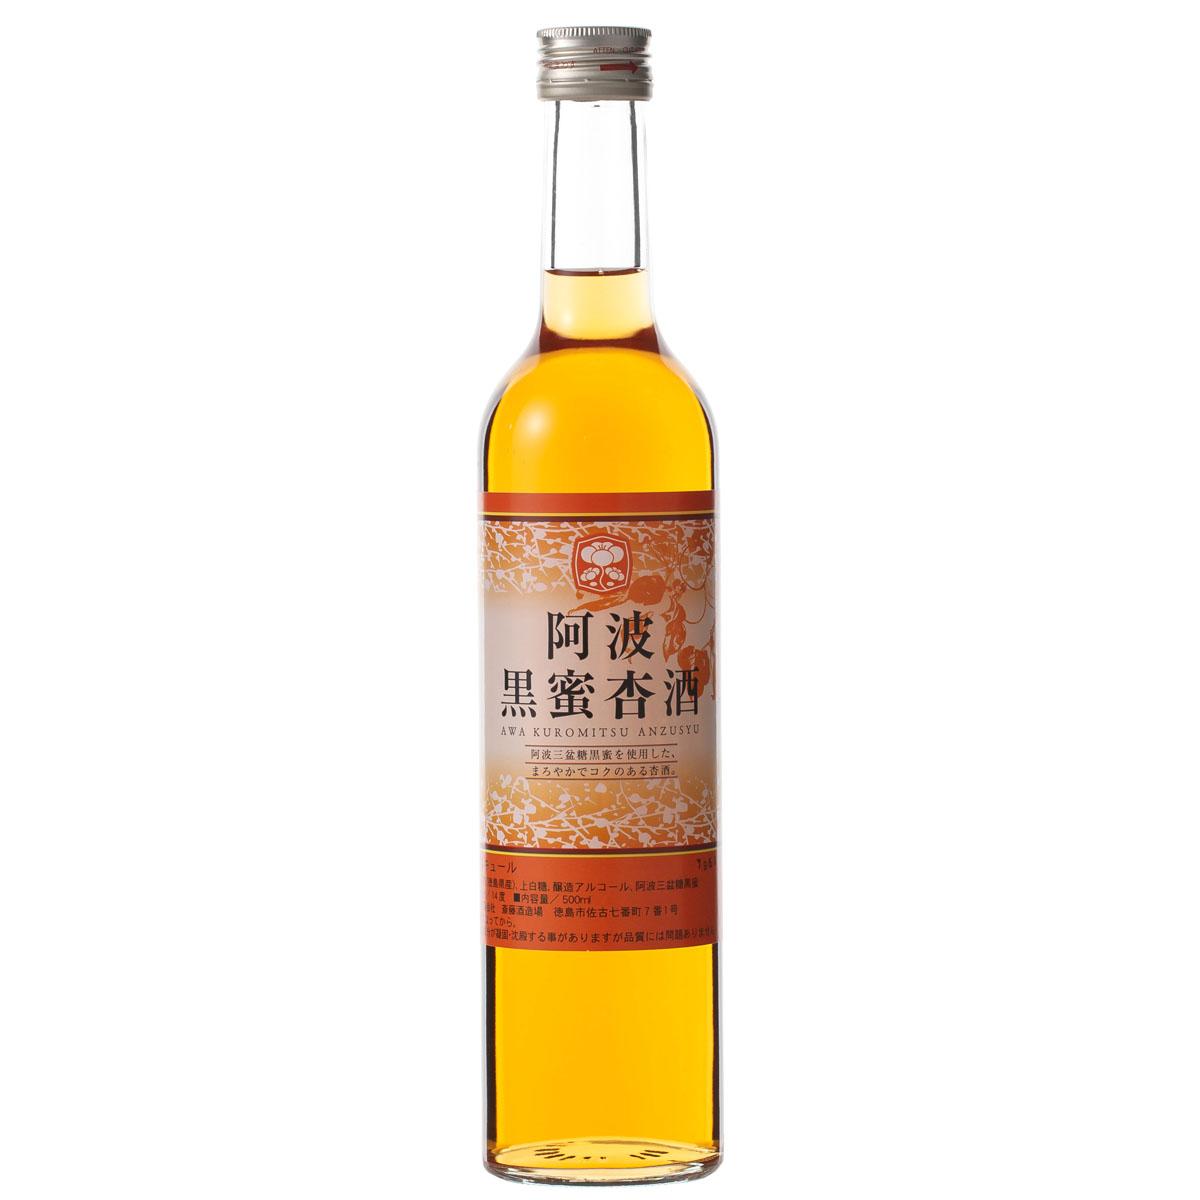 店内限界値引き中 セルフラッピング無料 阿波黒蜜杏酒500ml 大決算セール